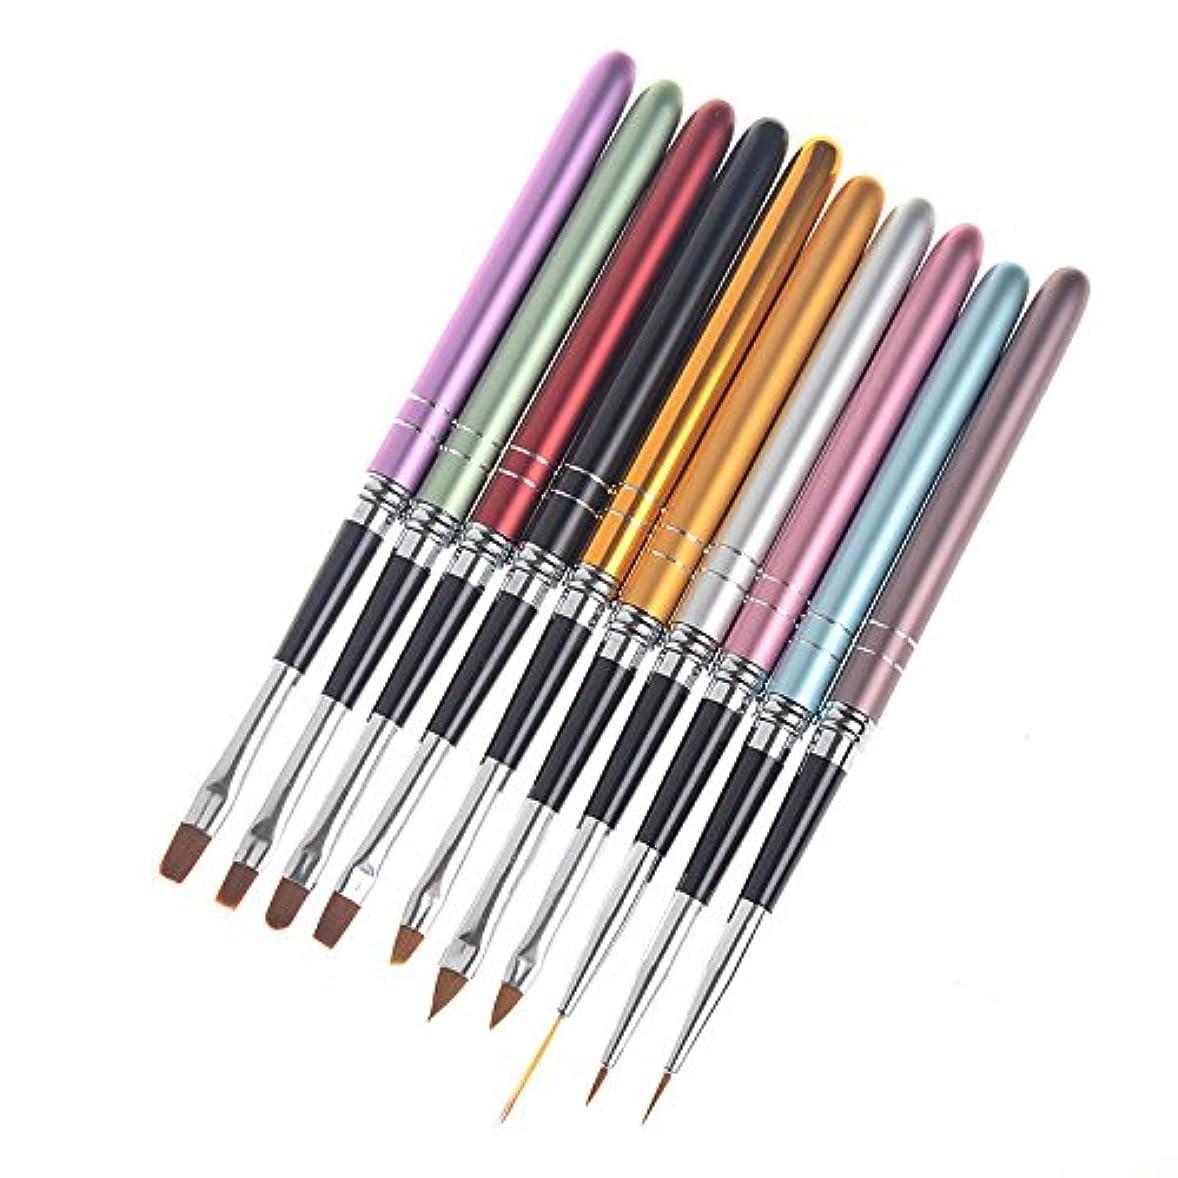 乏しいに沿って複製CUTICATE ネイルペン ブラシペン ネイルブラシ 描画ブラシペン 耐久性 ネイル道具 約10本入り